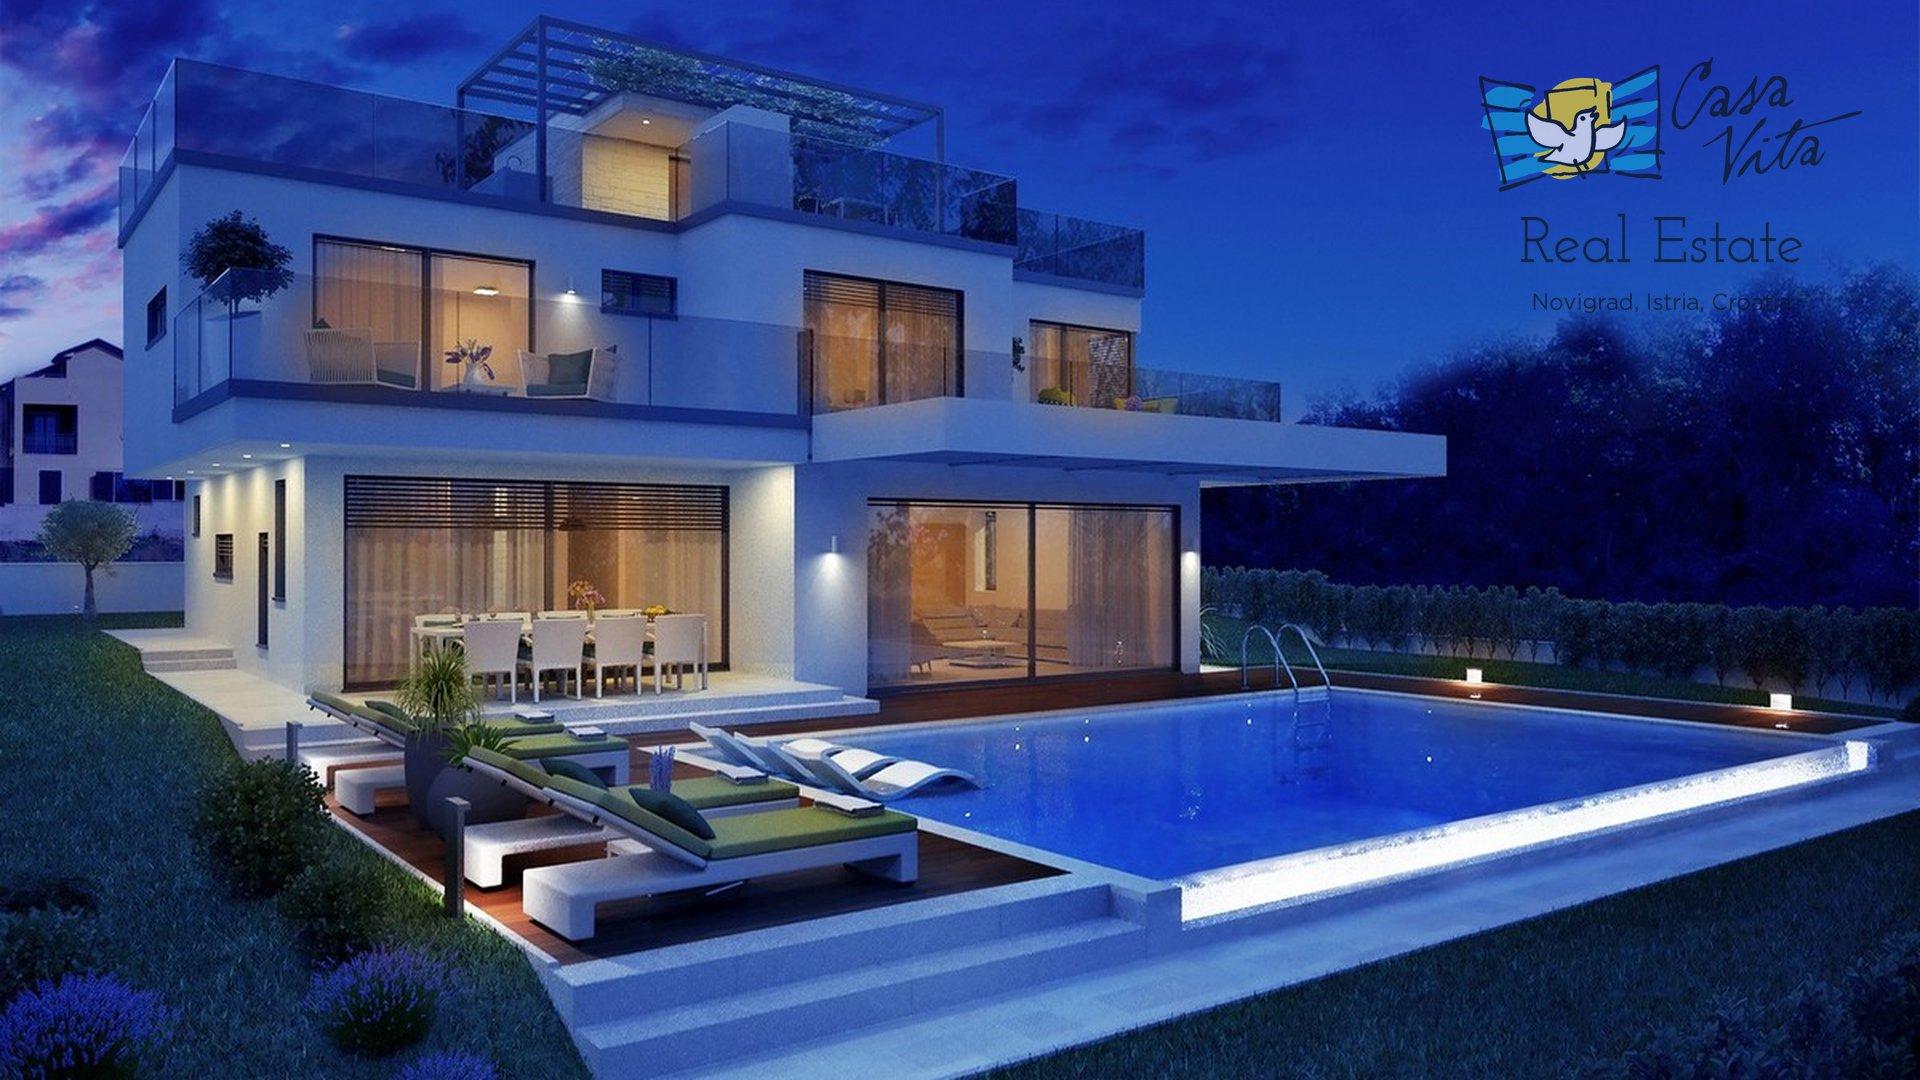 In vendita è una bellissima villa di architettura moderna in una posizione molto ricercata, a 2 km da Parenzo e 1,5 km dal mare.